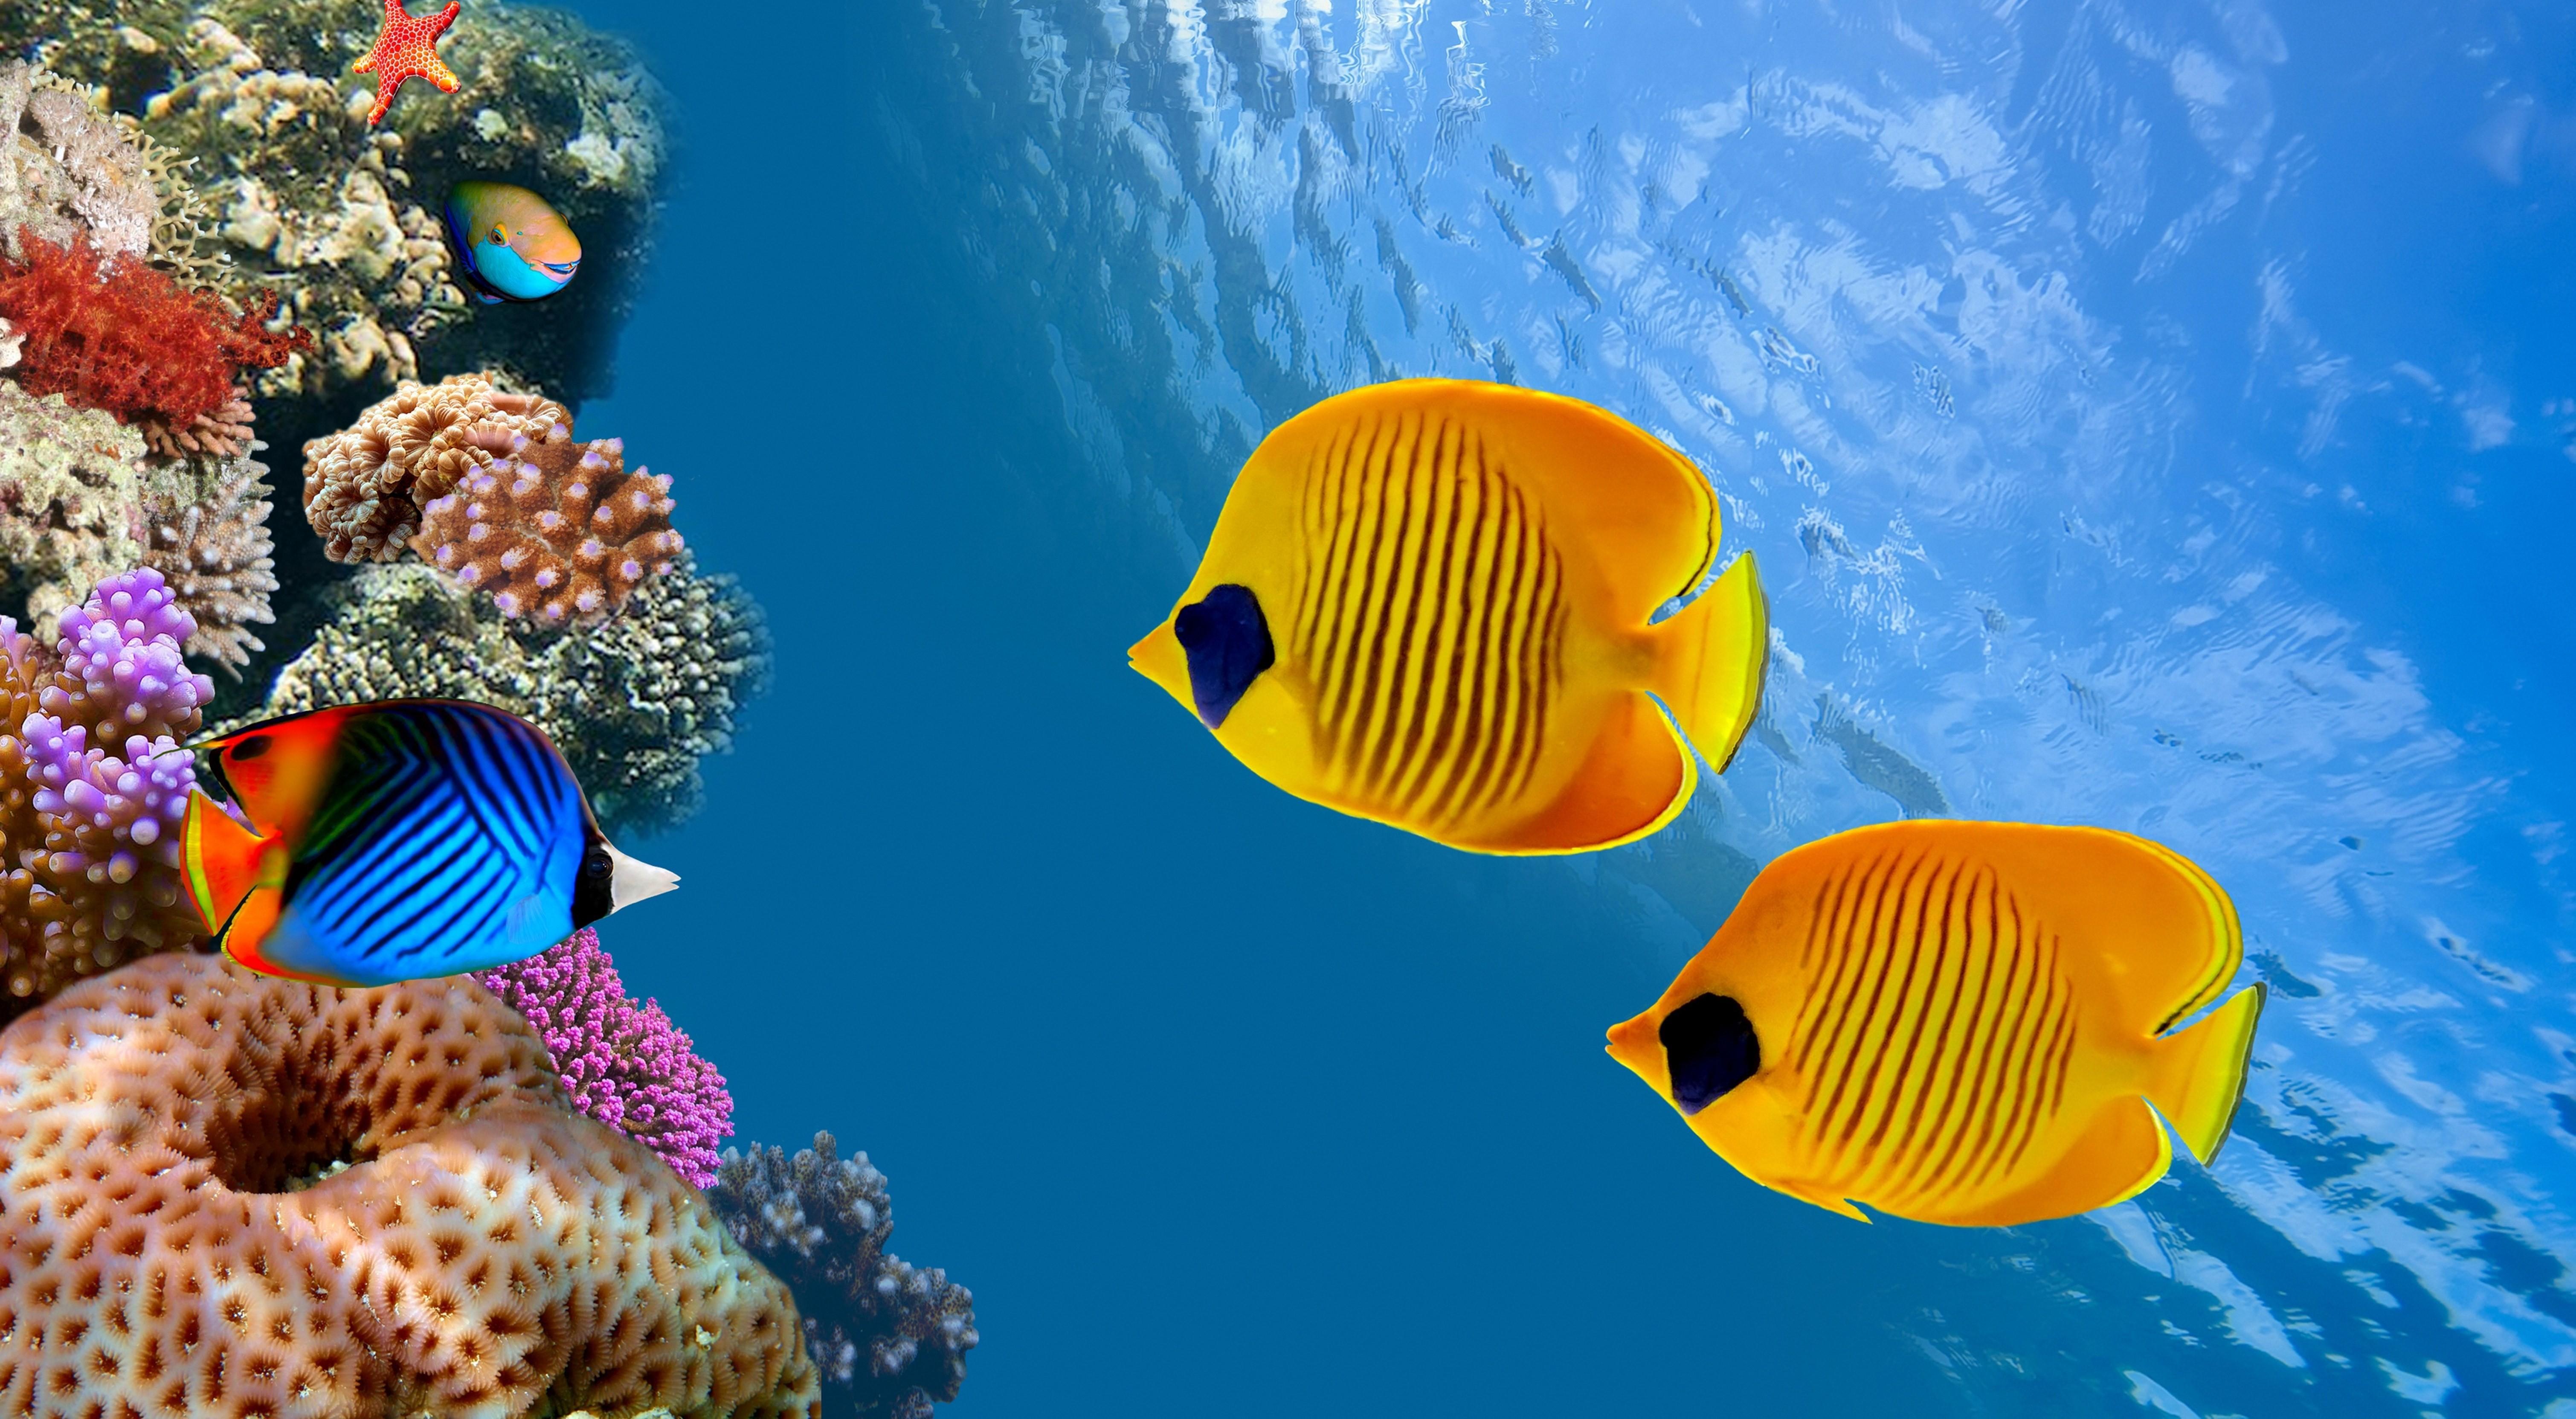 обои на рабочий стол на телефон океан мальдивы рыбки 3d № 18819 без смс